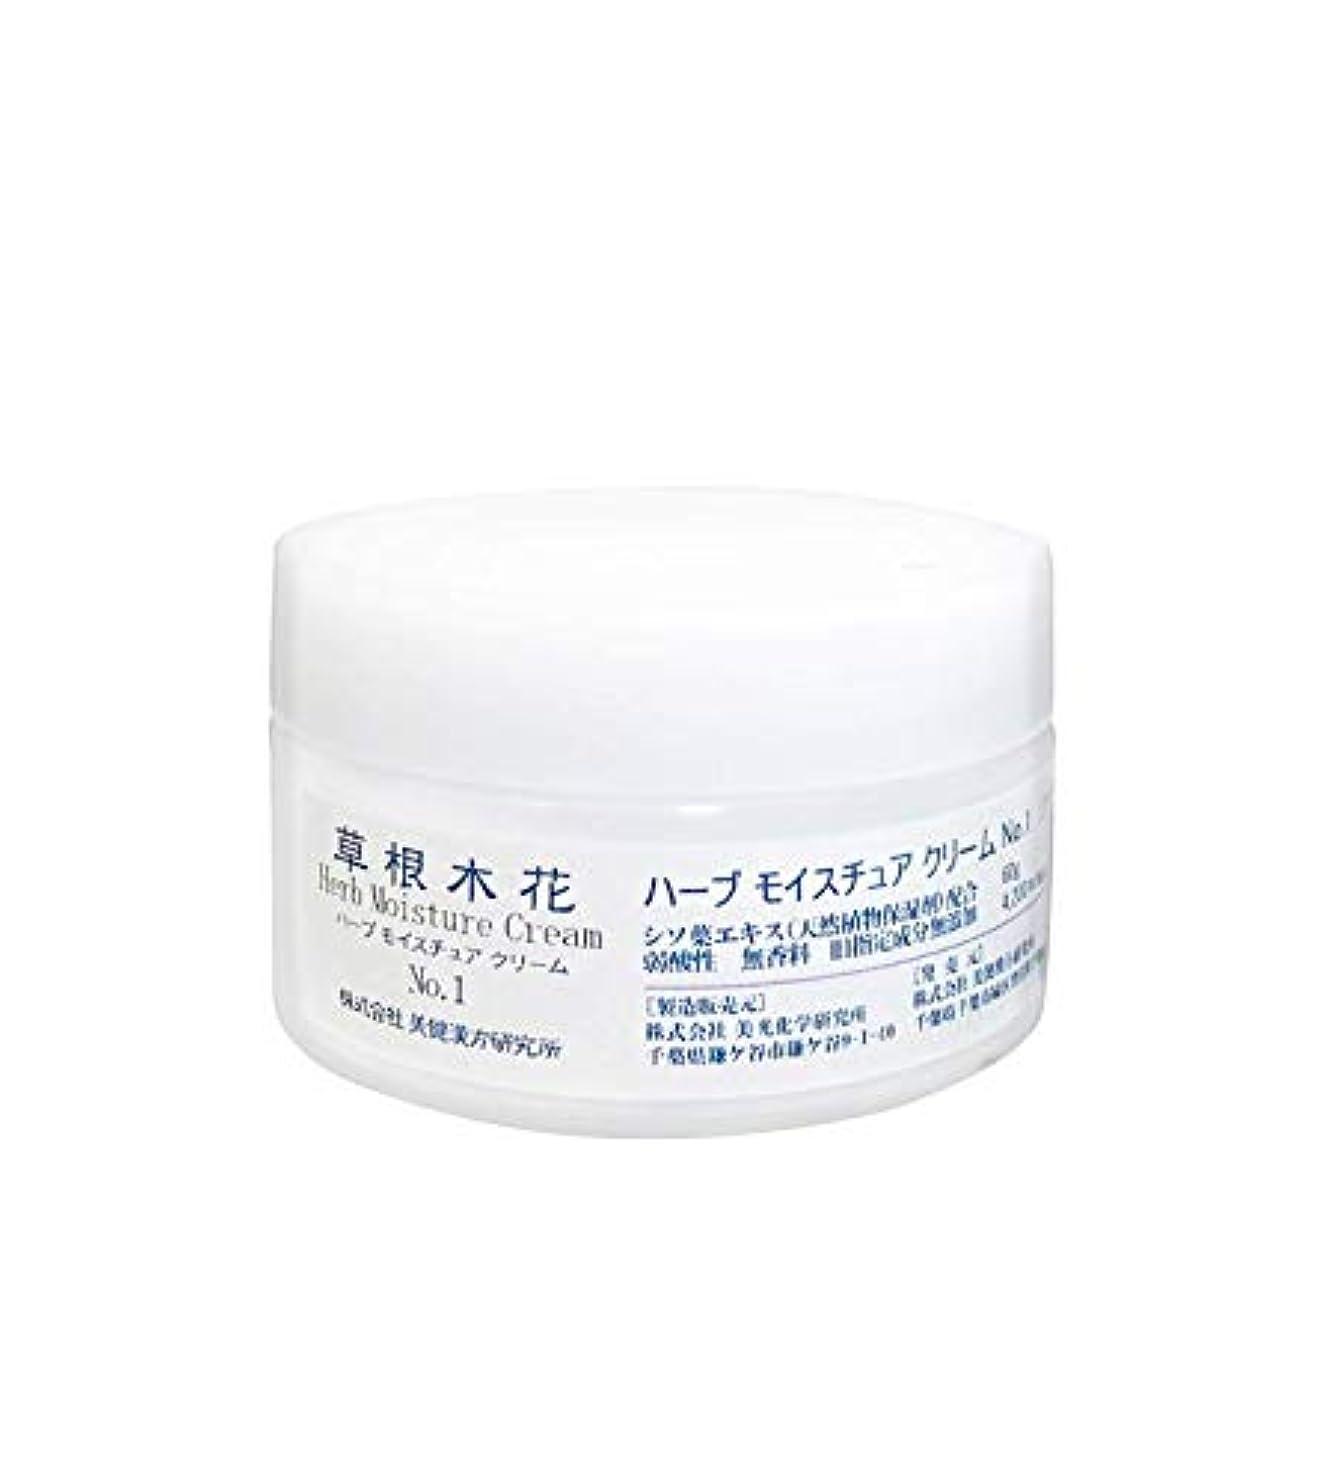 農場規模ステッチ「草根木花 ハーブモイスチュアクリームNo.1 (紫蘇クリーム)」  乾燥肌?敏感肌にシソエキス  シェアドコスメ(男女兼用化粧品)